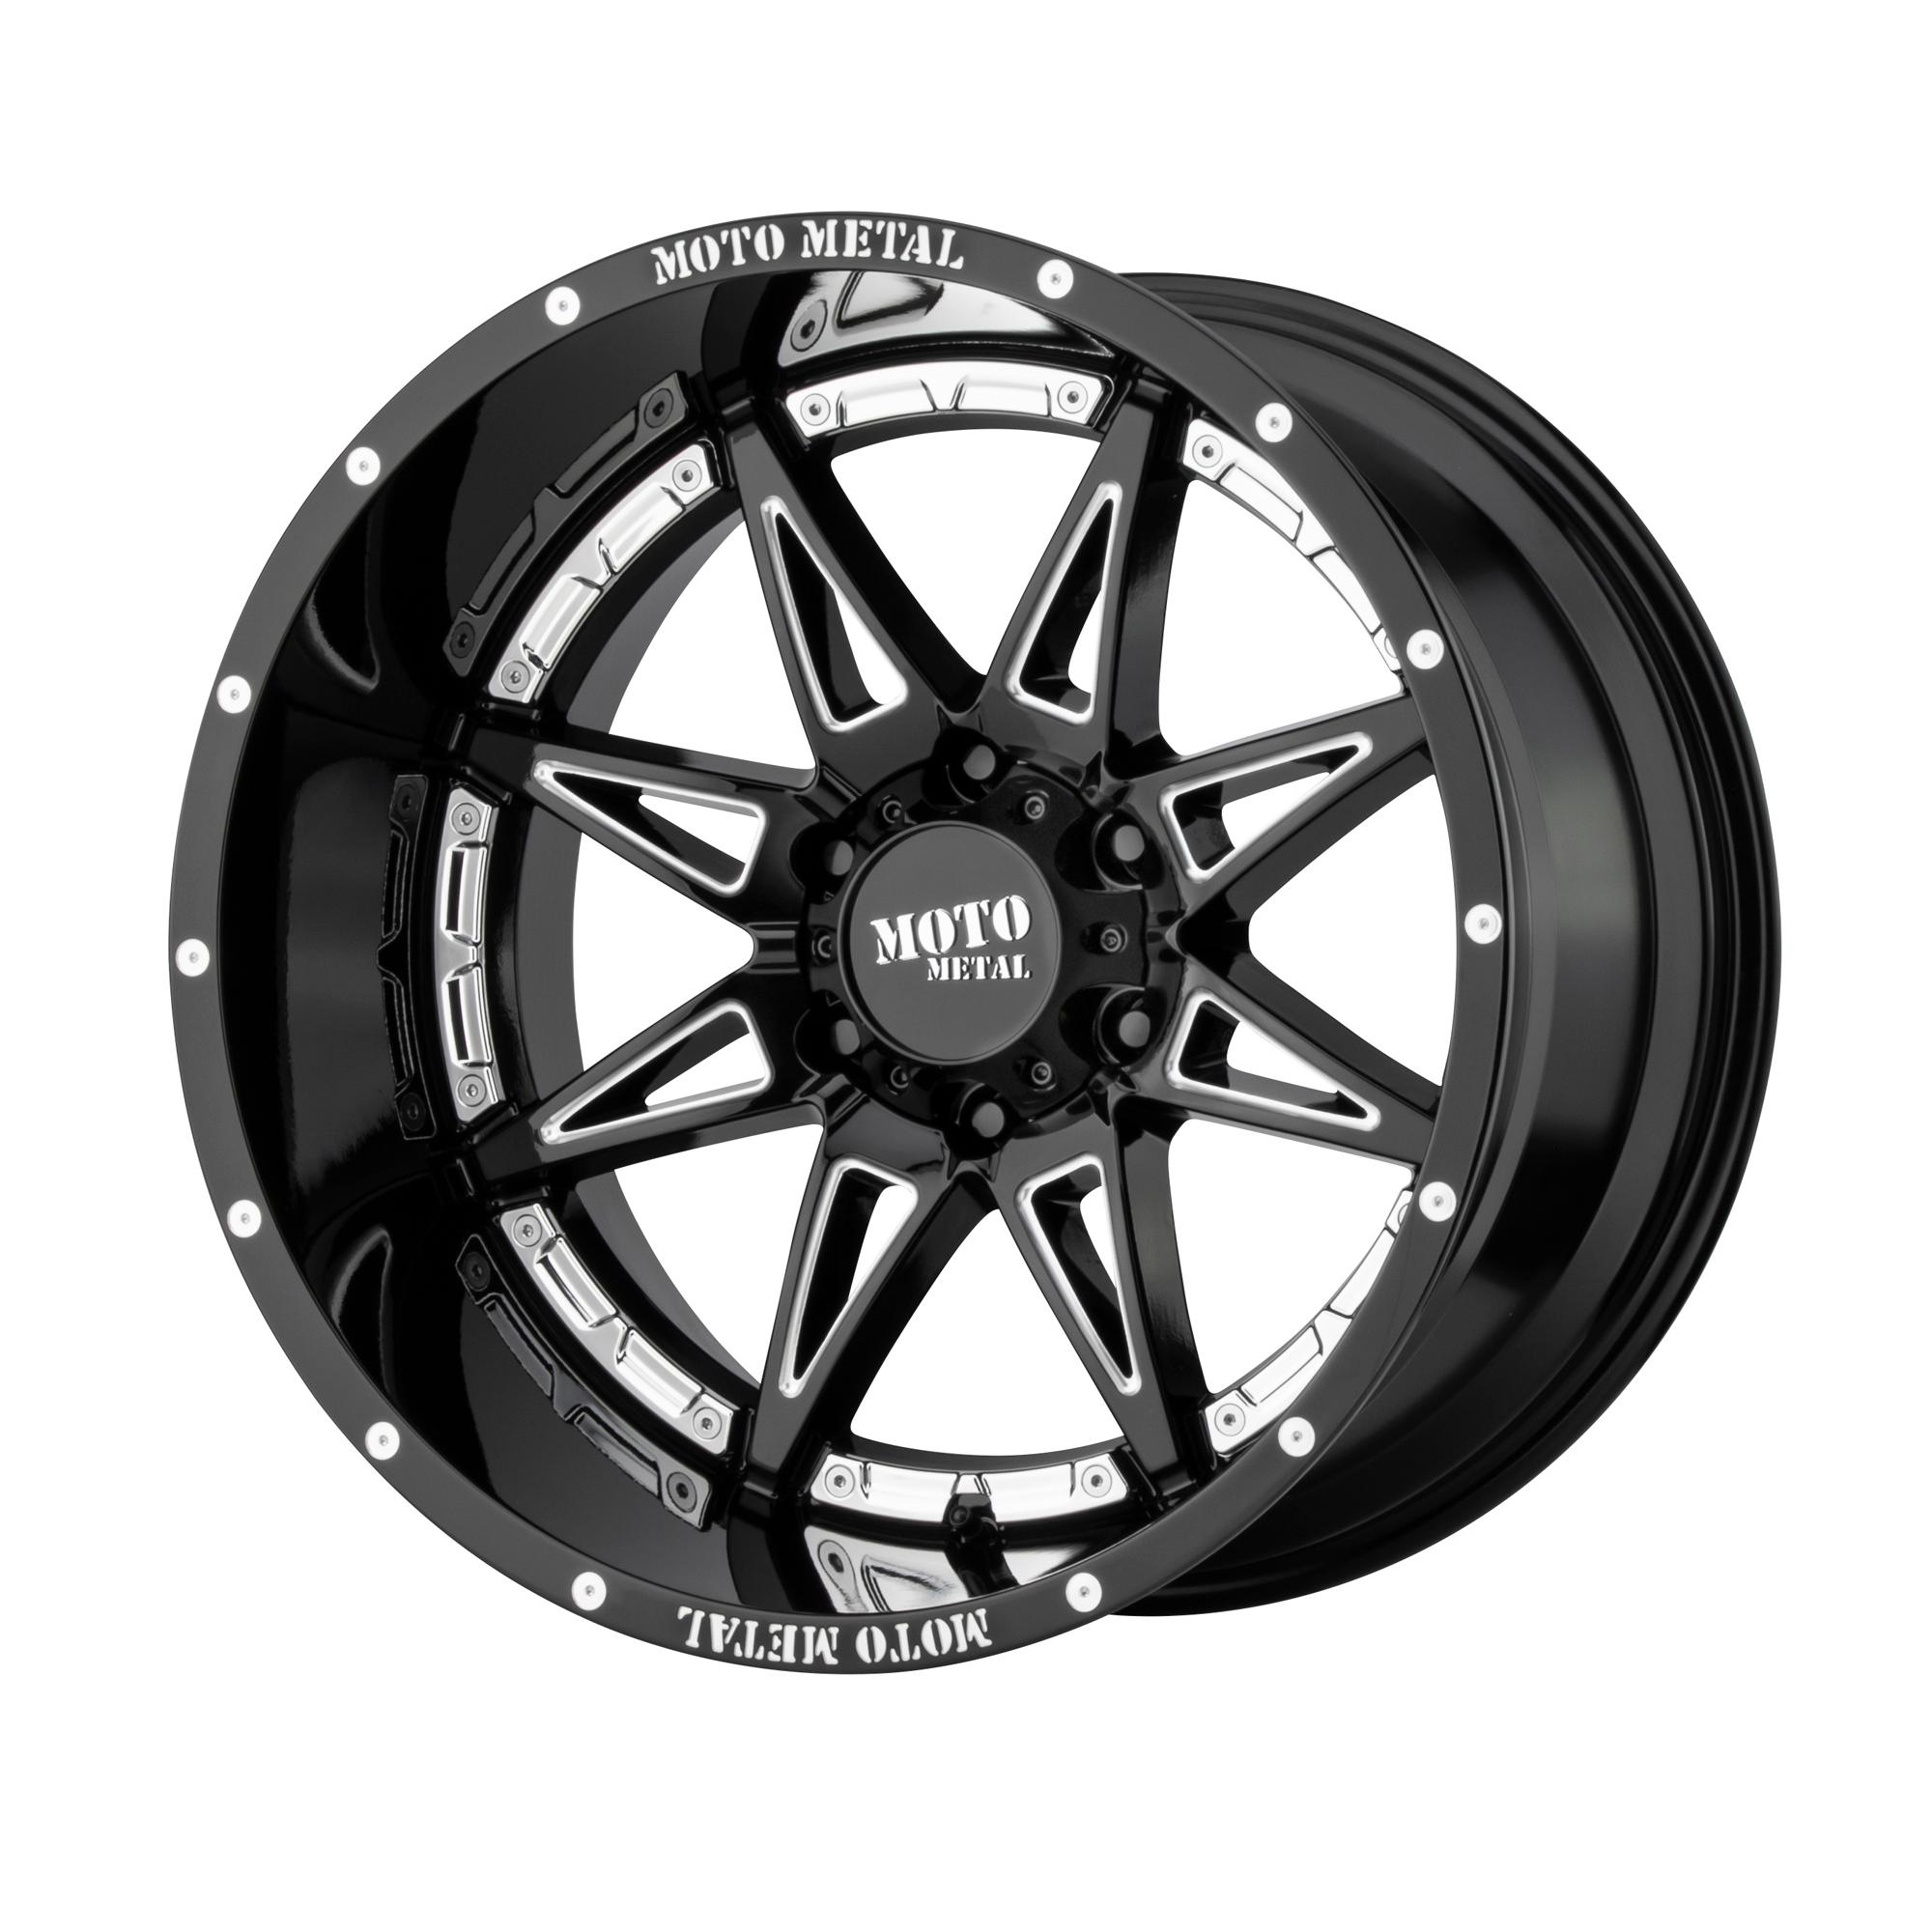 MOTO METAL MO993 HYDRA hliníkové disky 8,5x18 6x139,7 ET18 Gloss Black Milled